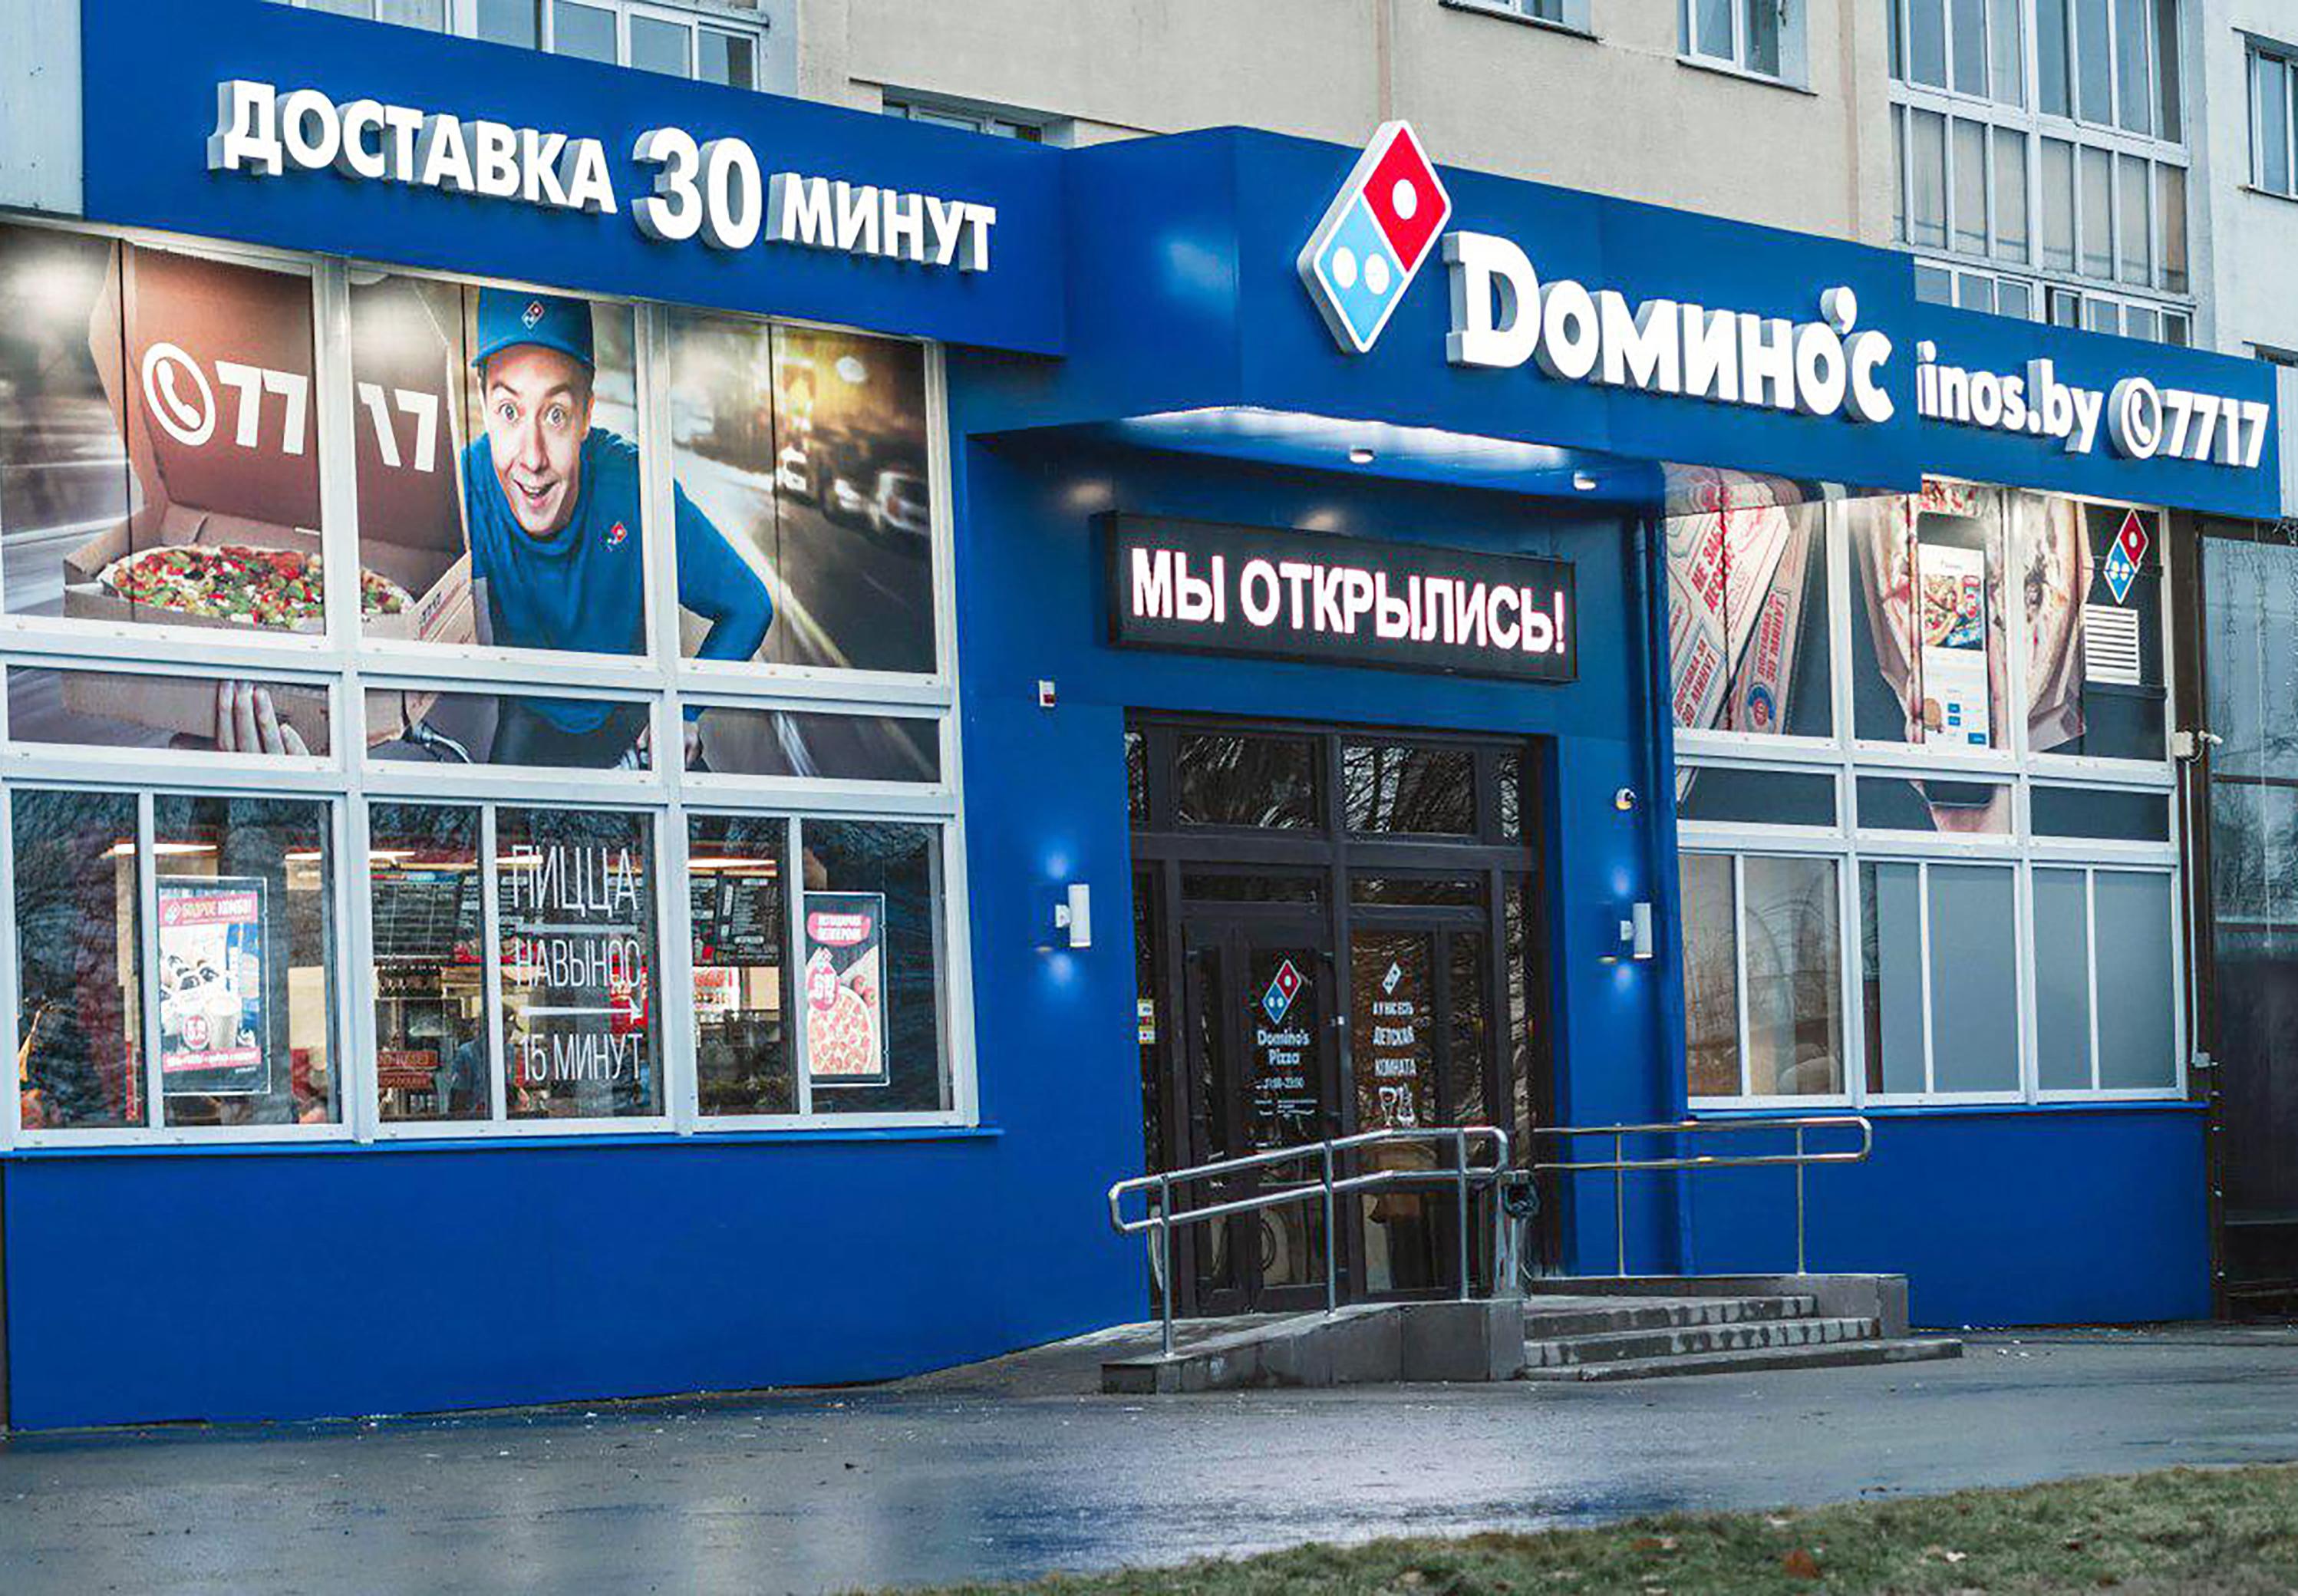 Доставка еды в Витебске